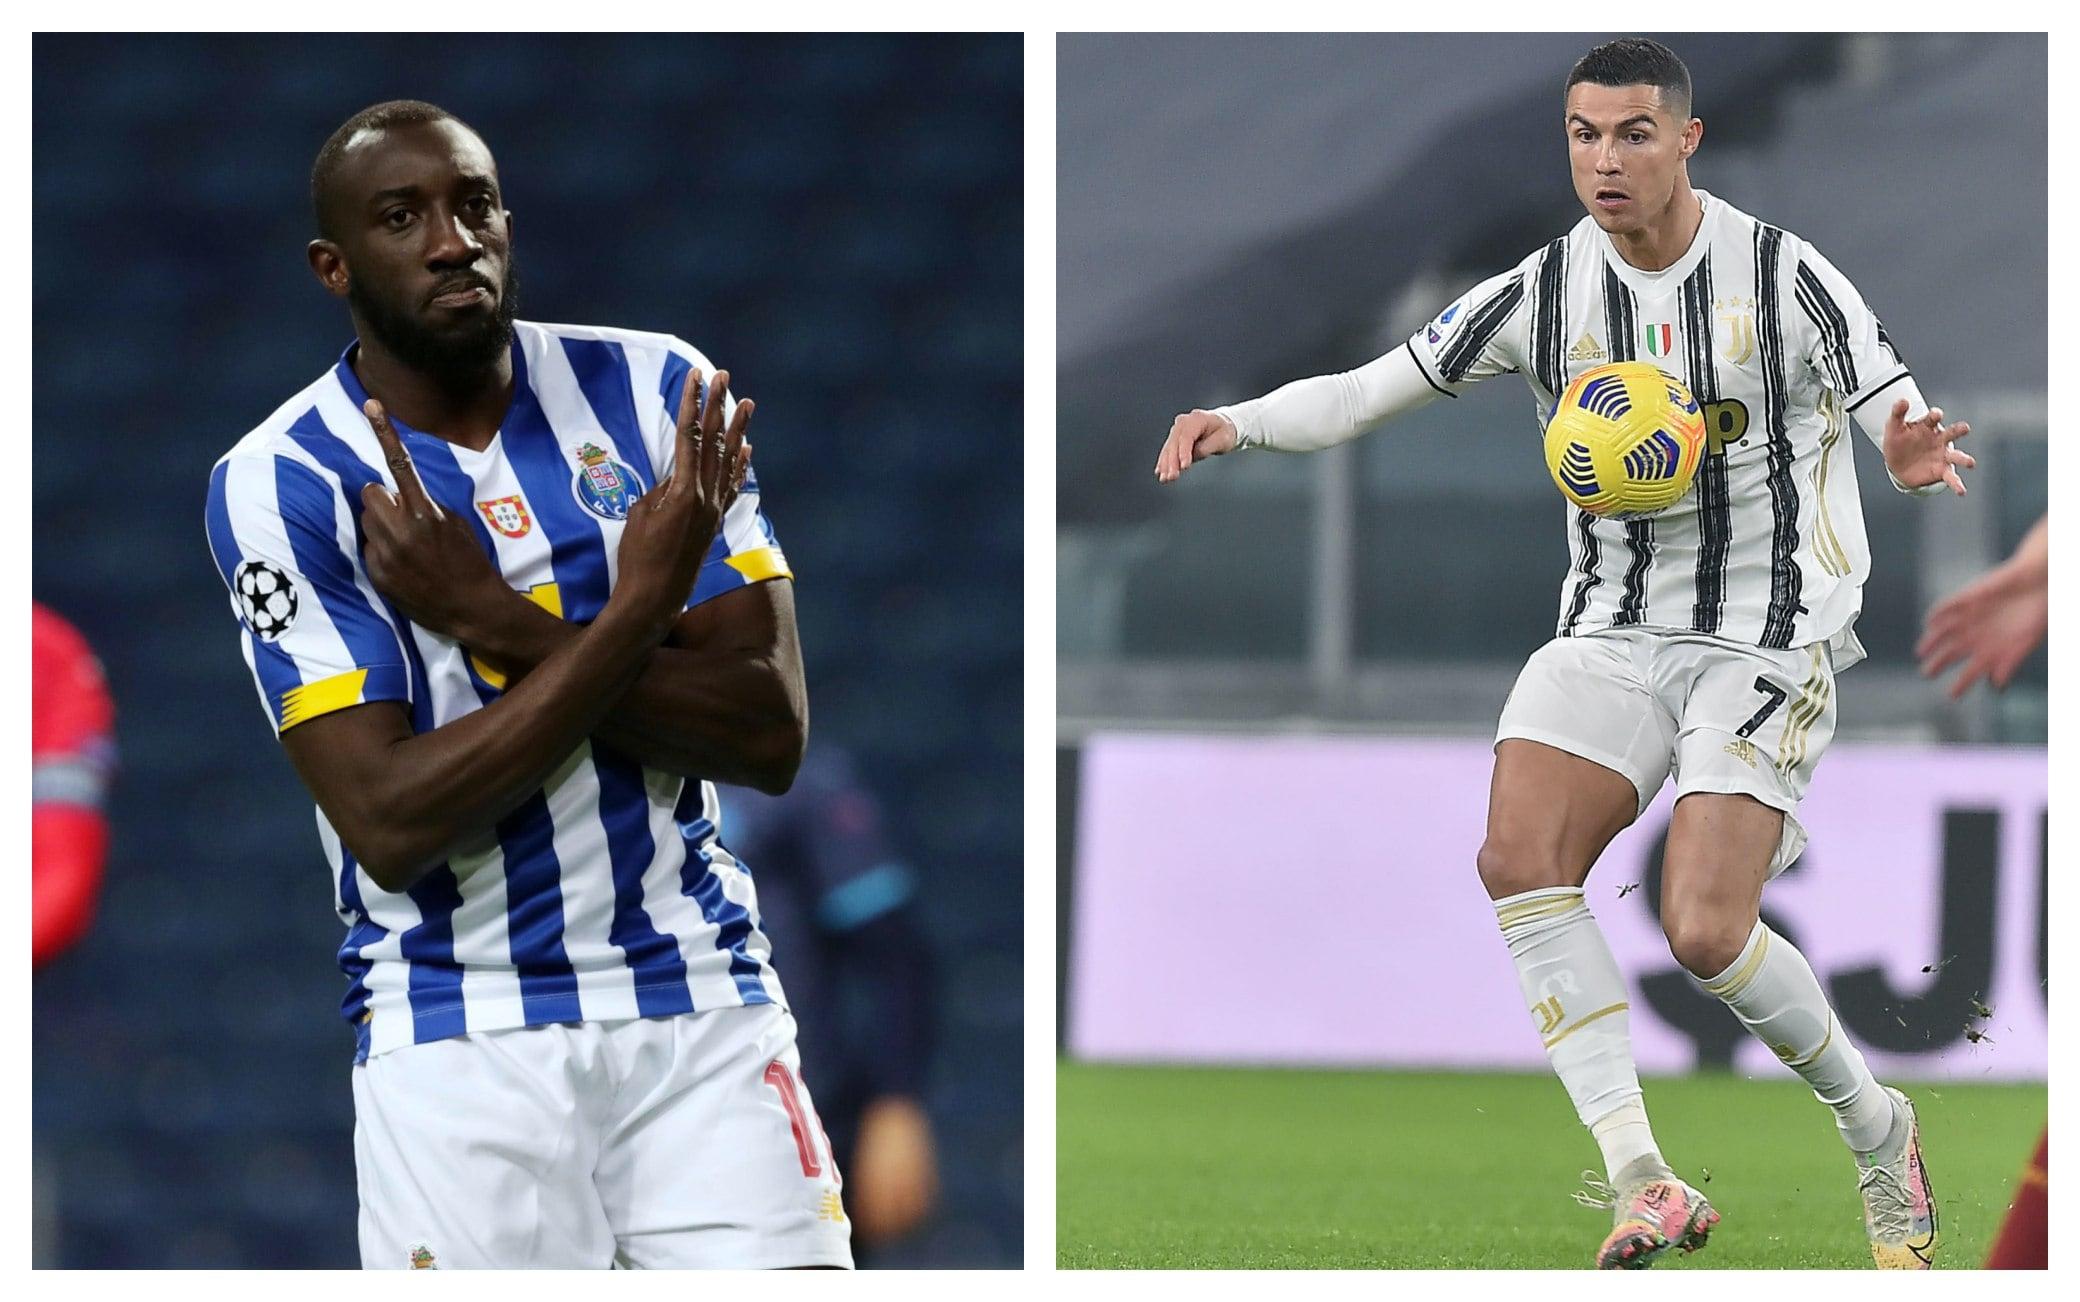 Champions, Porto-Juventus 2-1: la cronaca della partita in diretta